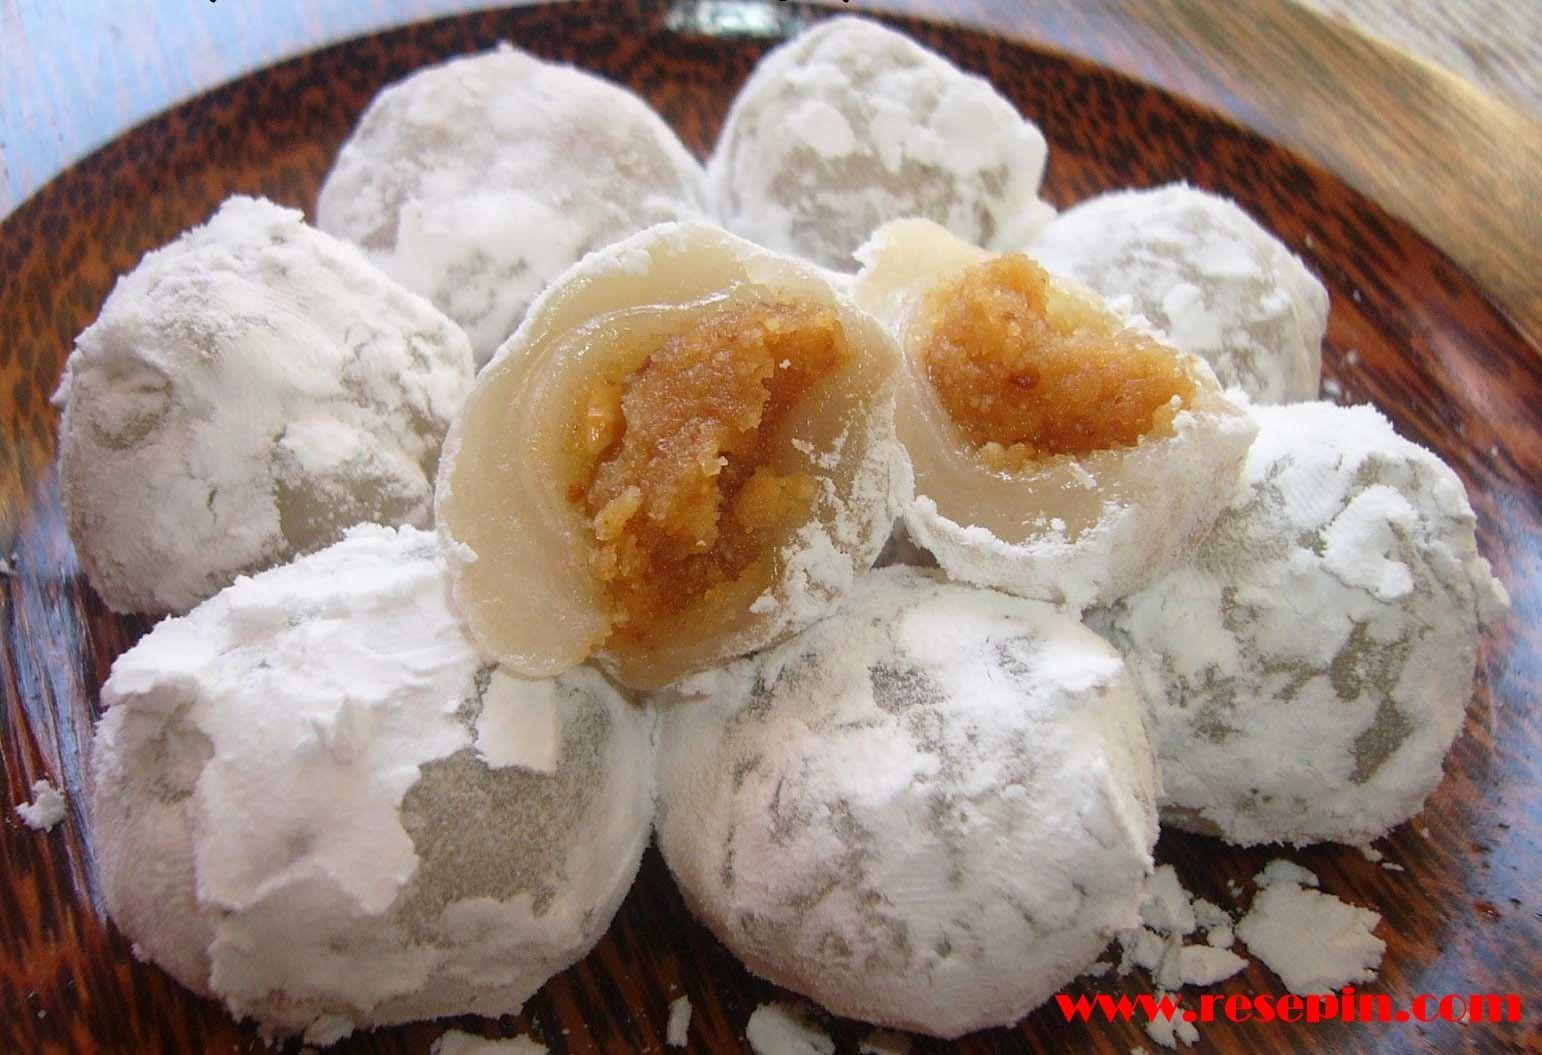 Cara Membuat Kue Mochi Enak Dan Kenyal Kue Mochi Adalah Kue Basah Yang Terbuat Dari Tepung Beras Ketan Yang Dicampur Dengan Ba Moci Resep Kue Resep Sederhana